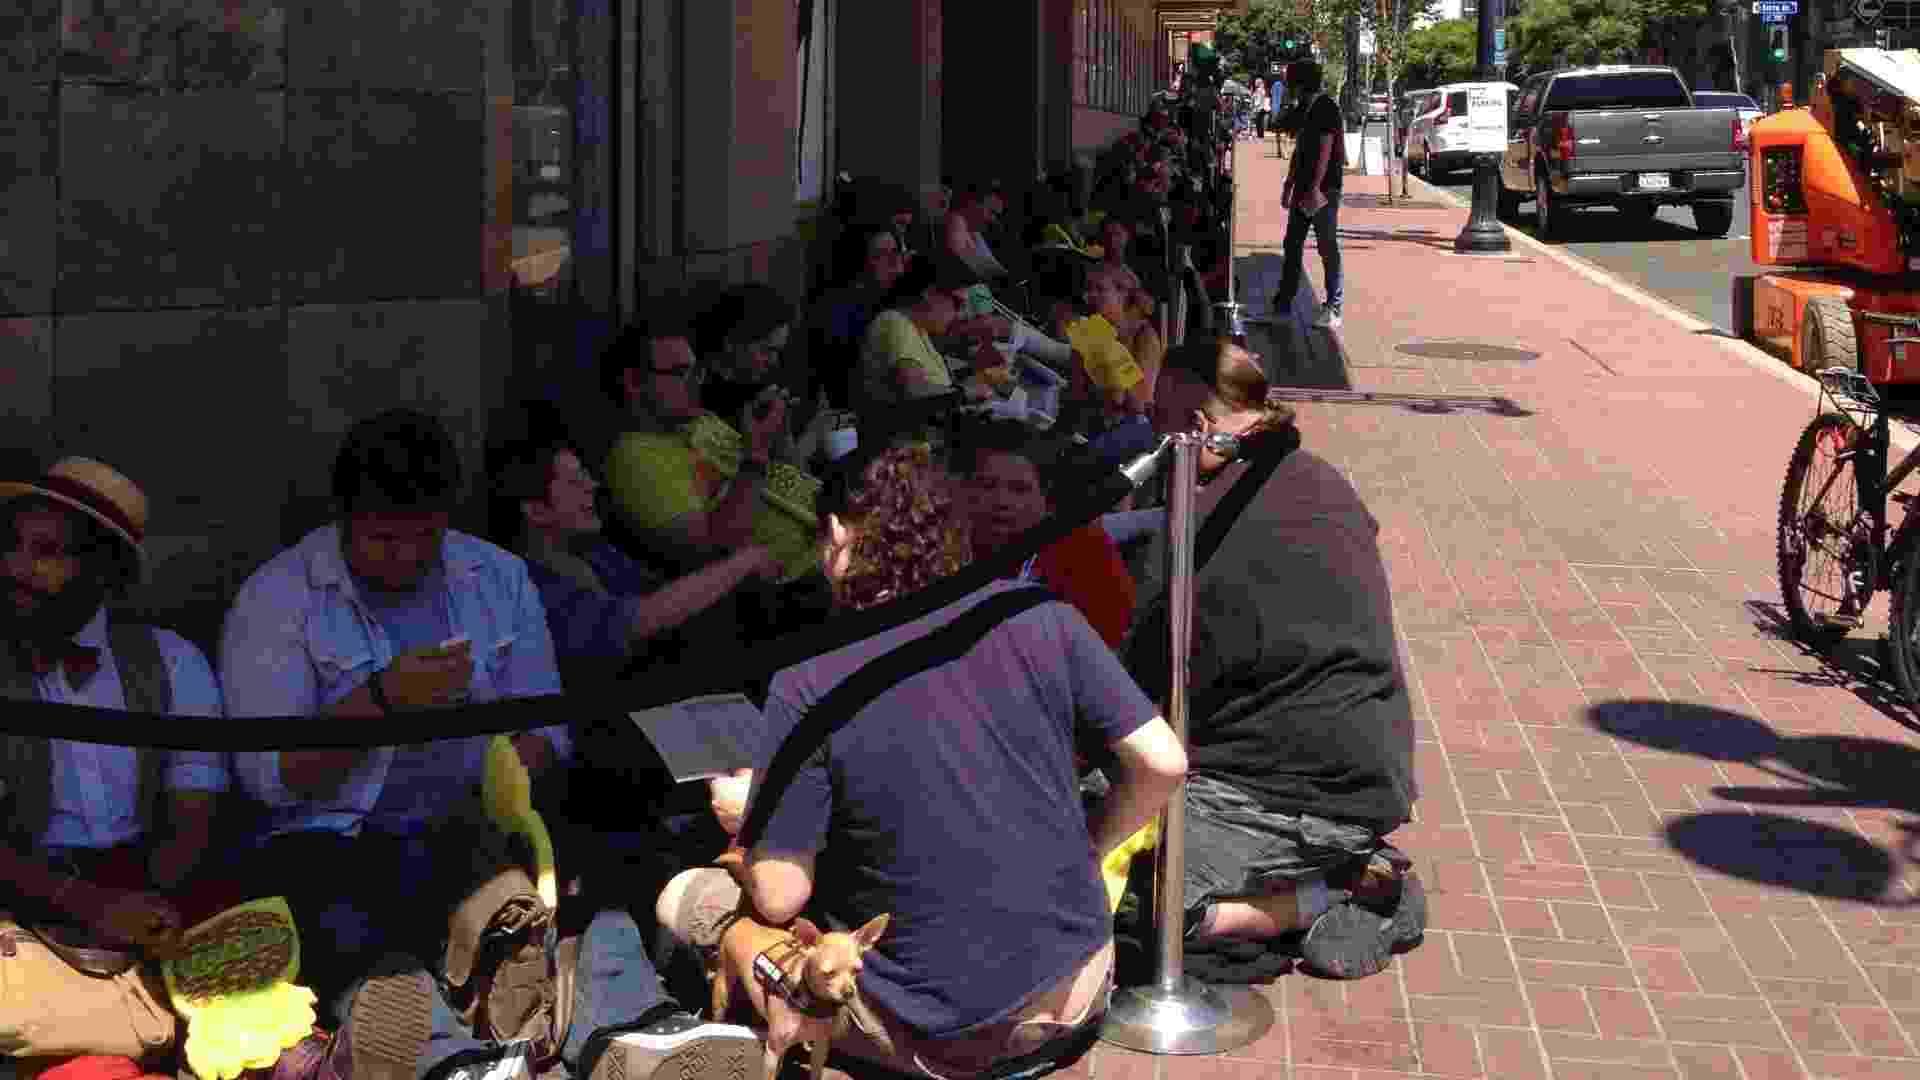 """17.jul.2013 - Fãs fazem fila no Reading Cinema para assistir a """"Psych - The Musical"""", um episódio especial de duas horas da série, que será exibido na noite desta quarta, na programação da San Diego Comic-Con - Natalia Engler/UOL"""